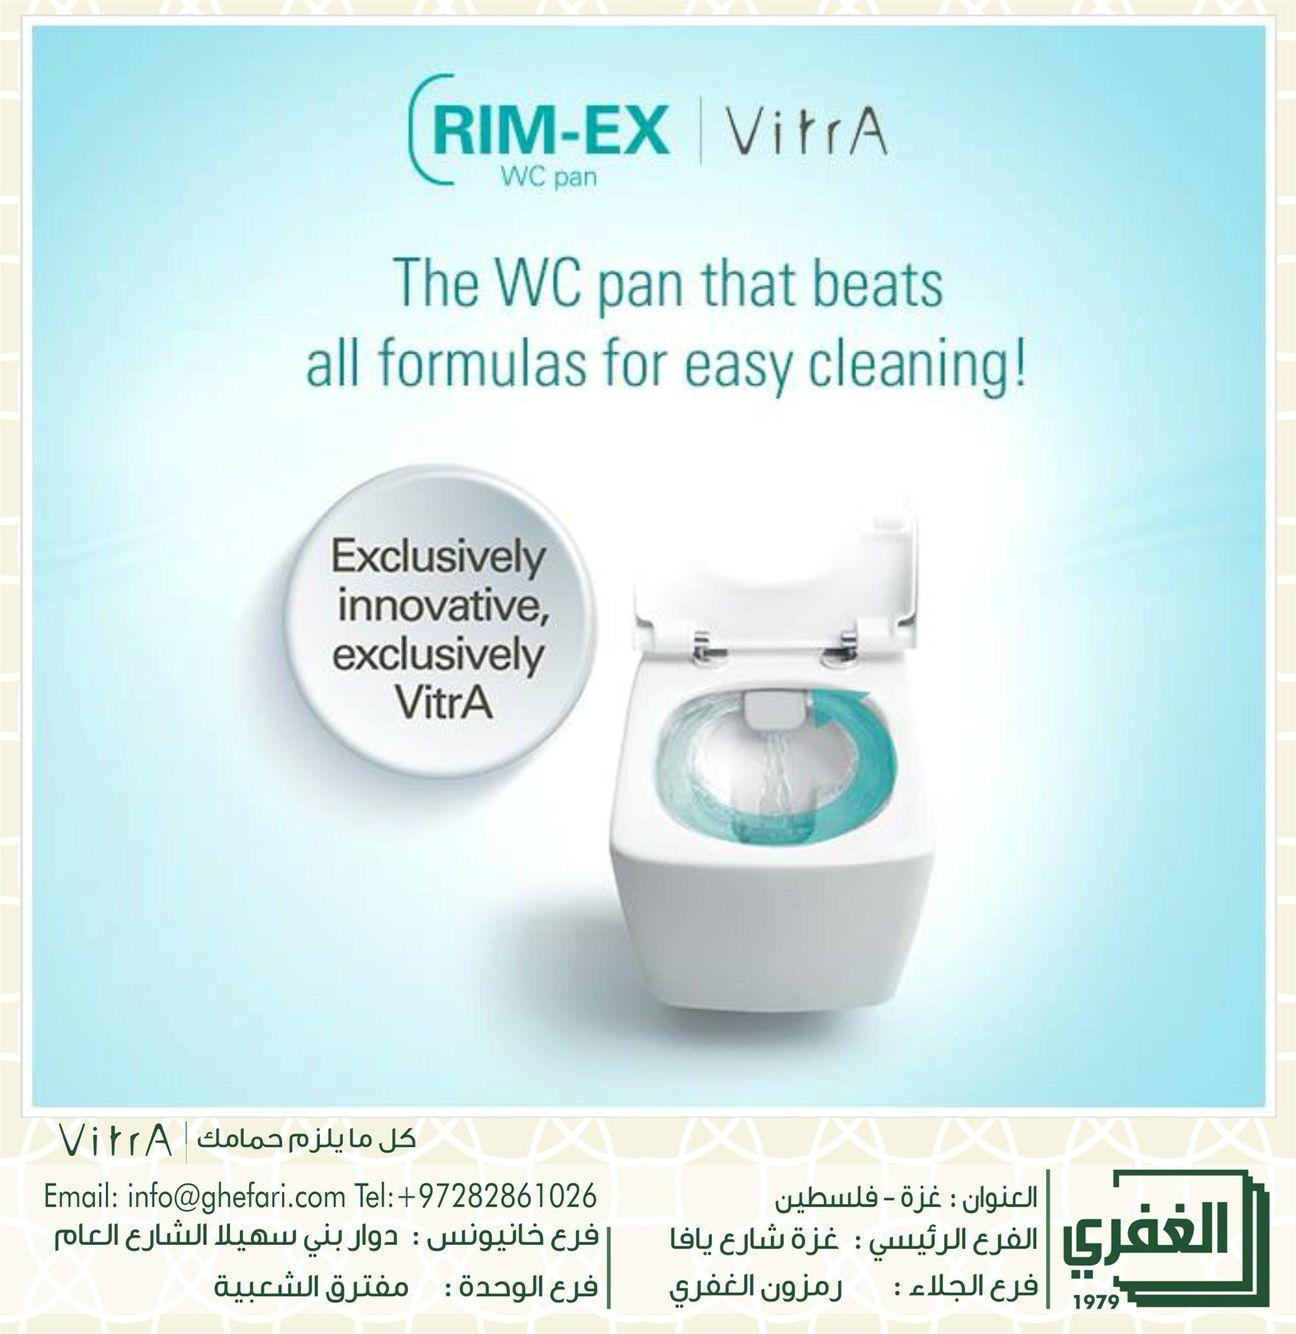 بفضل التصميم المبتكر من شركة Vitra كرسي حمام معلق يمنع انتشار الجراثيم سهولة في التنظيف انسيابية في توزيع المياه Easy Cleaning Vitra Cleaning